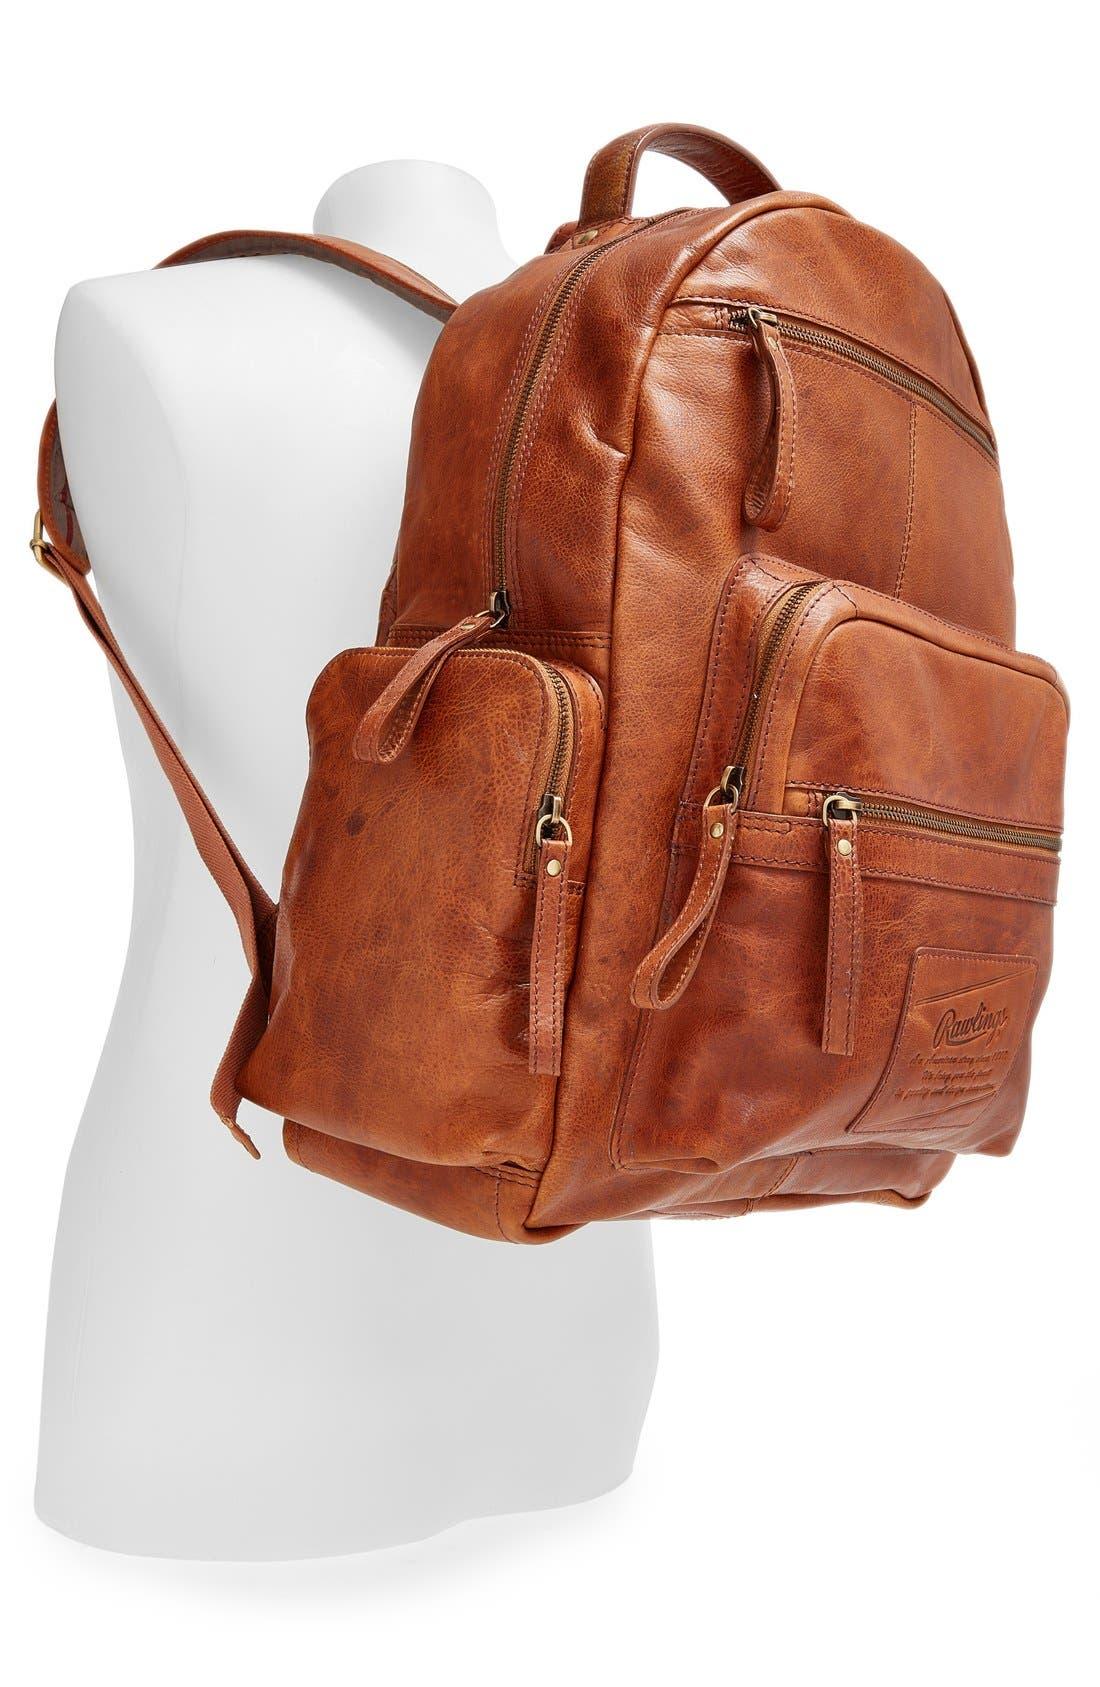 Men's Rawlings Leather (Genuine) Backpacks, Bags & Luggage | Nordstrom